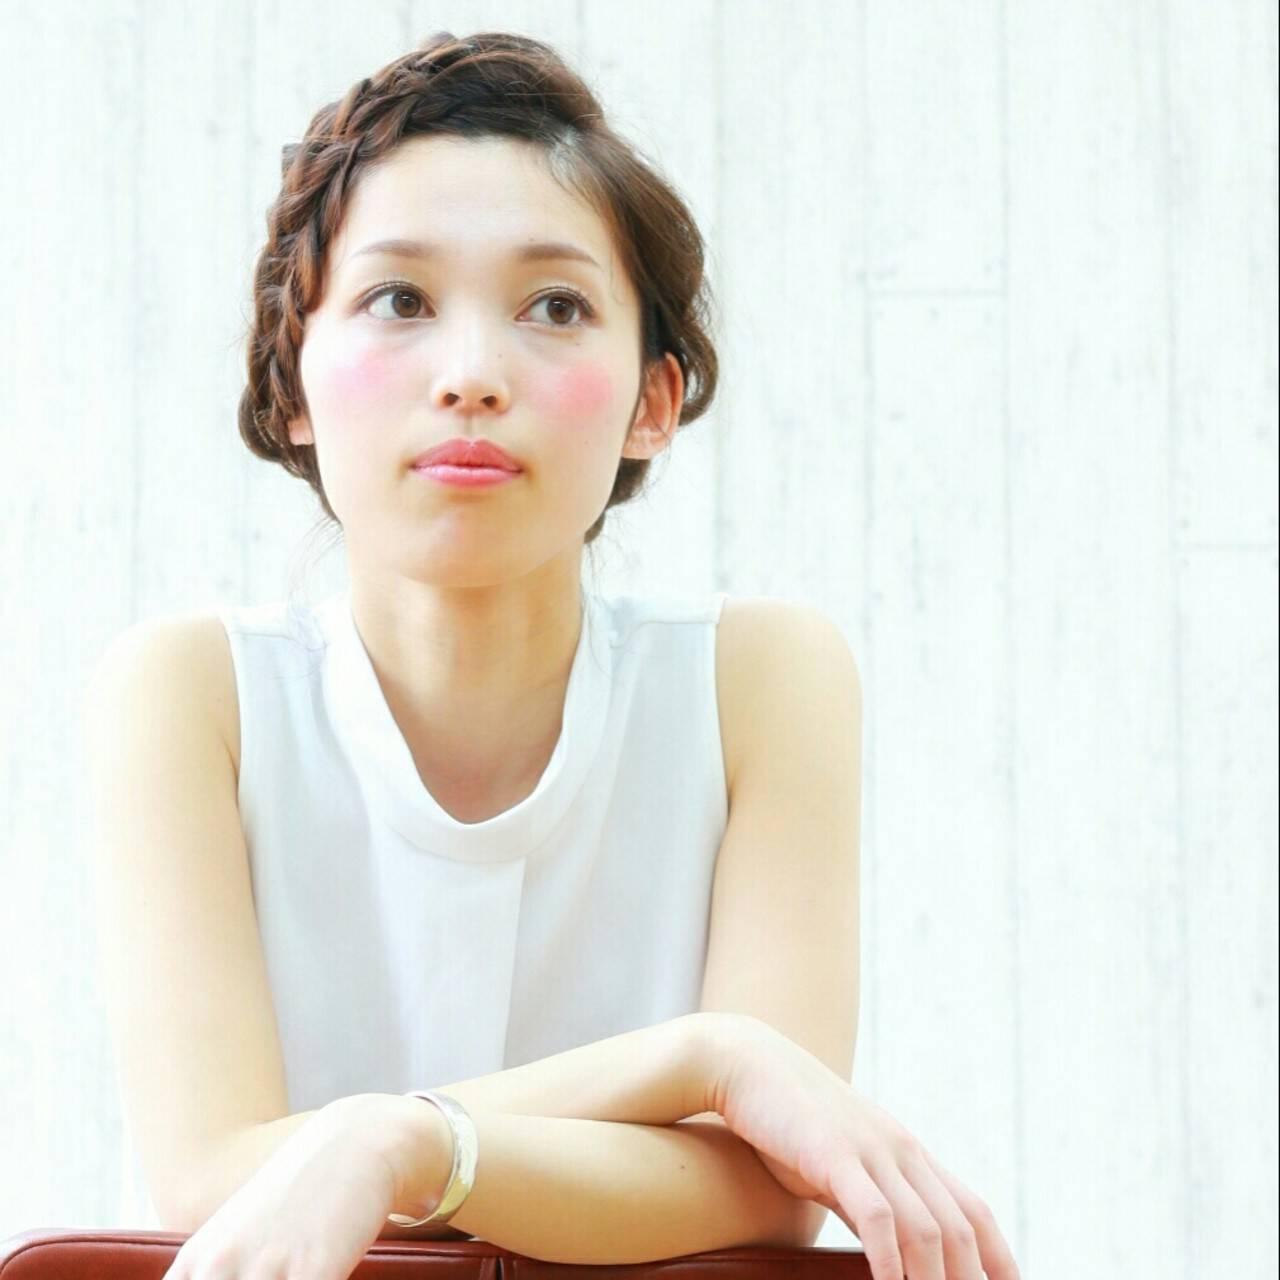 セミロング ヘアアレンジ 夏 大人かわいいヘアスタイルや髪型の写真・画像